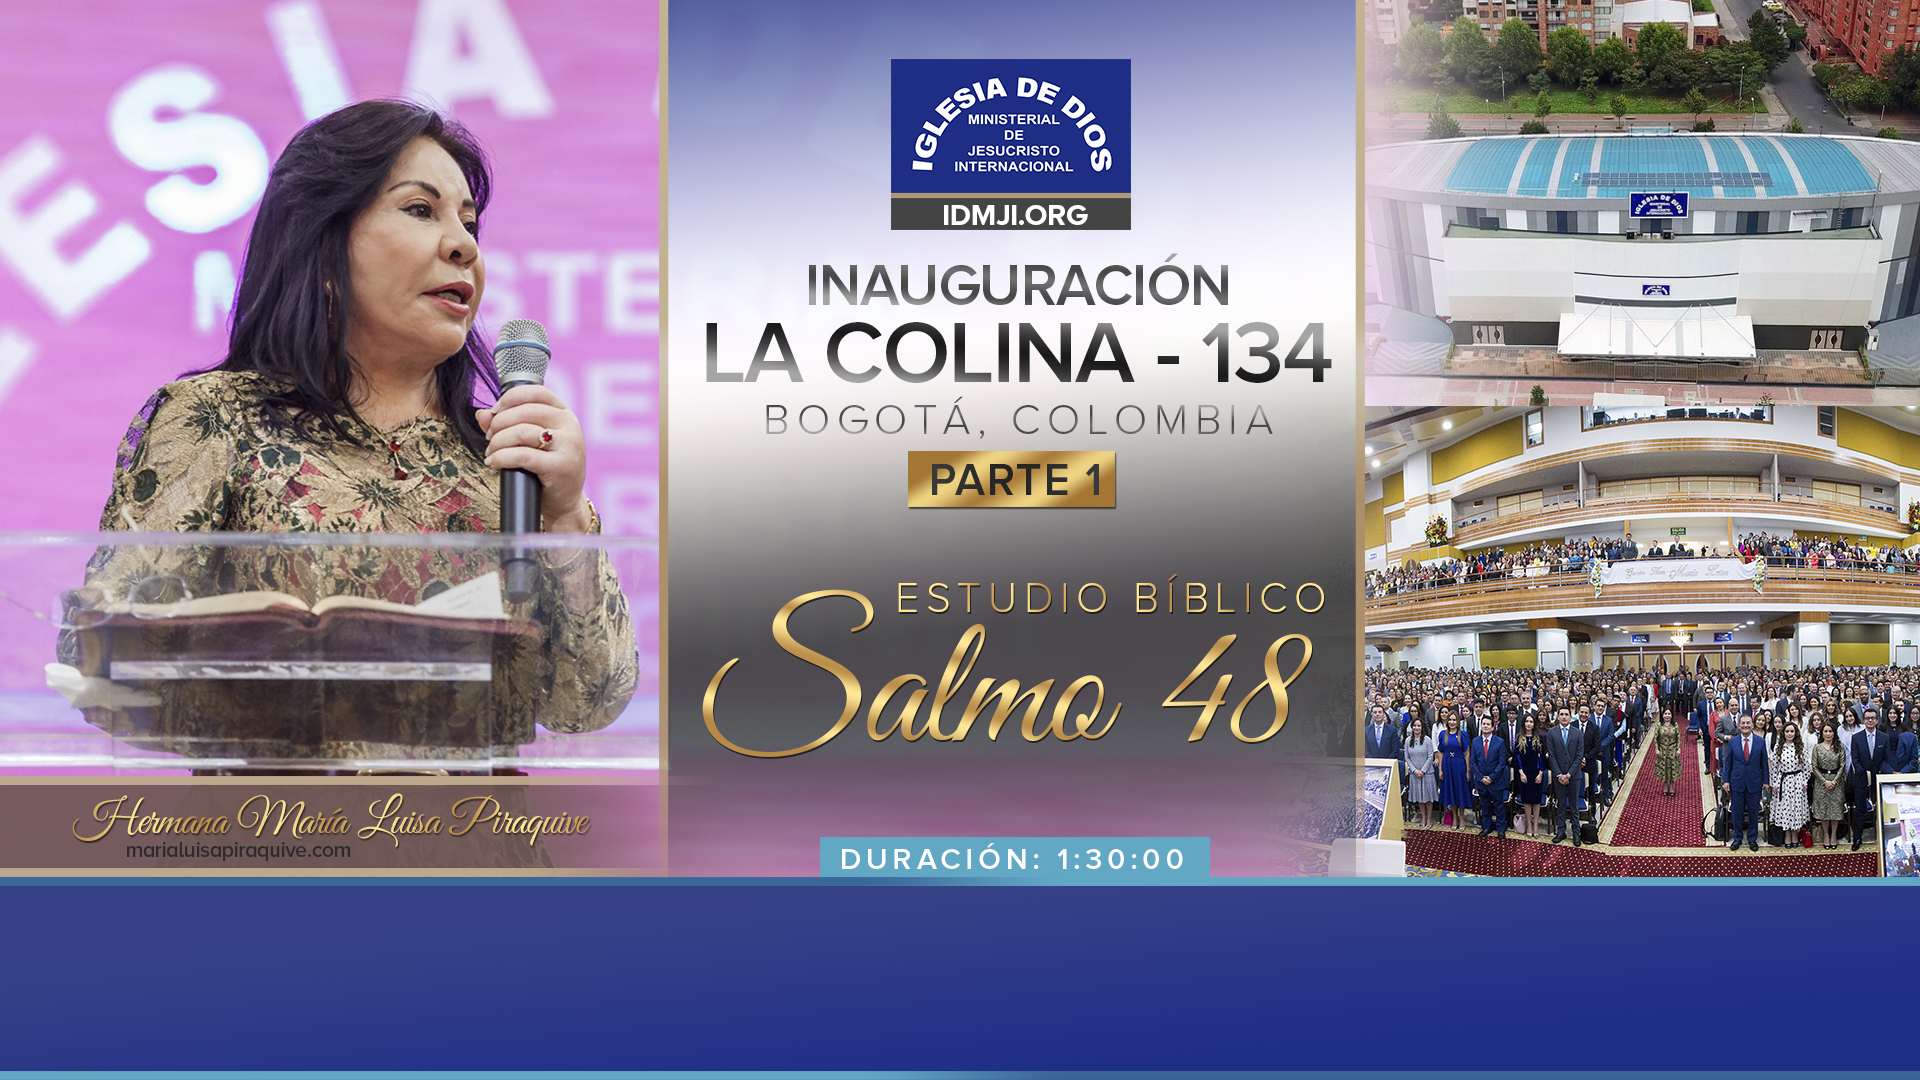 Inauguración La Colina, Bogotá – Parte 1 (Salmo 48)